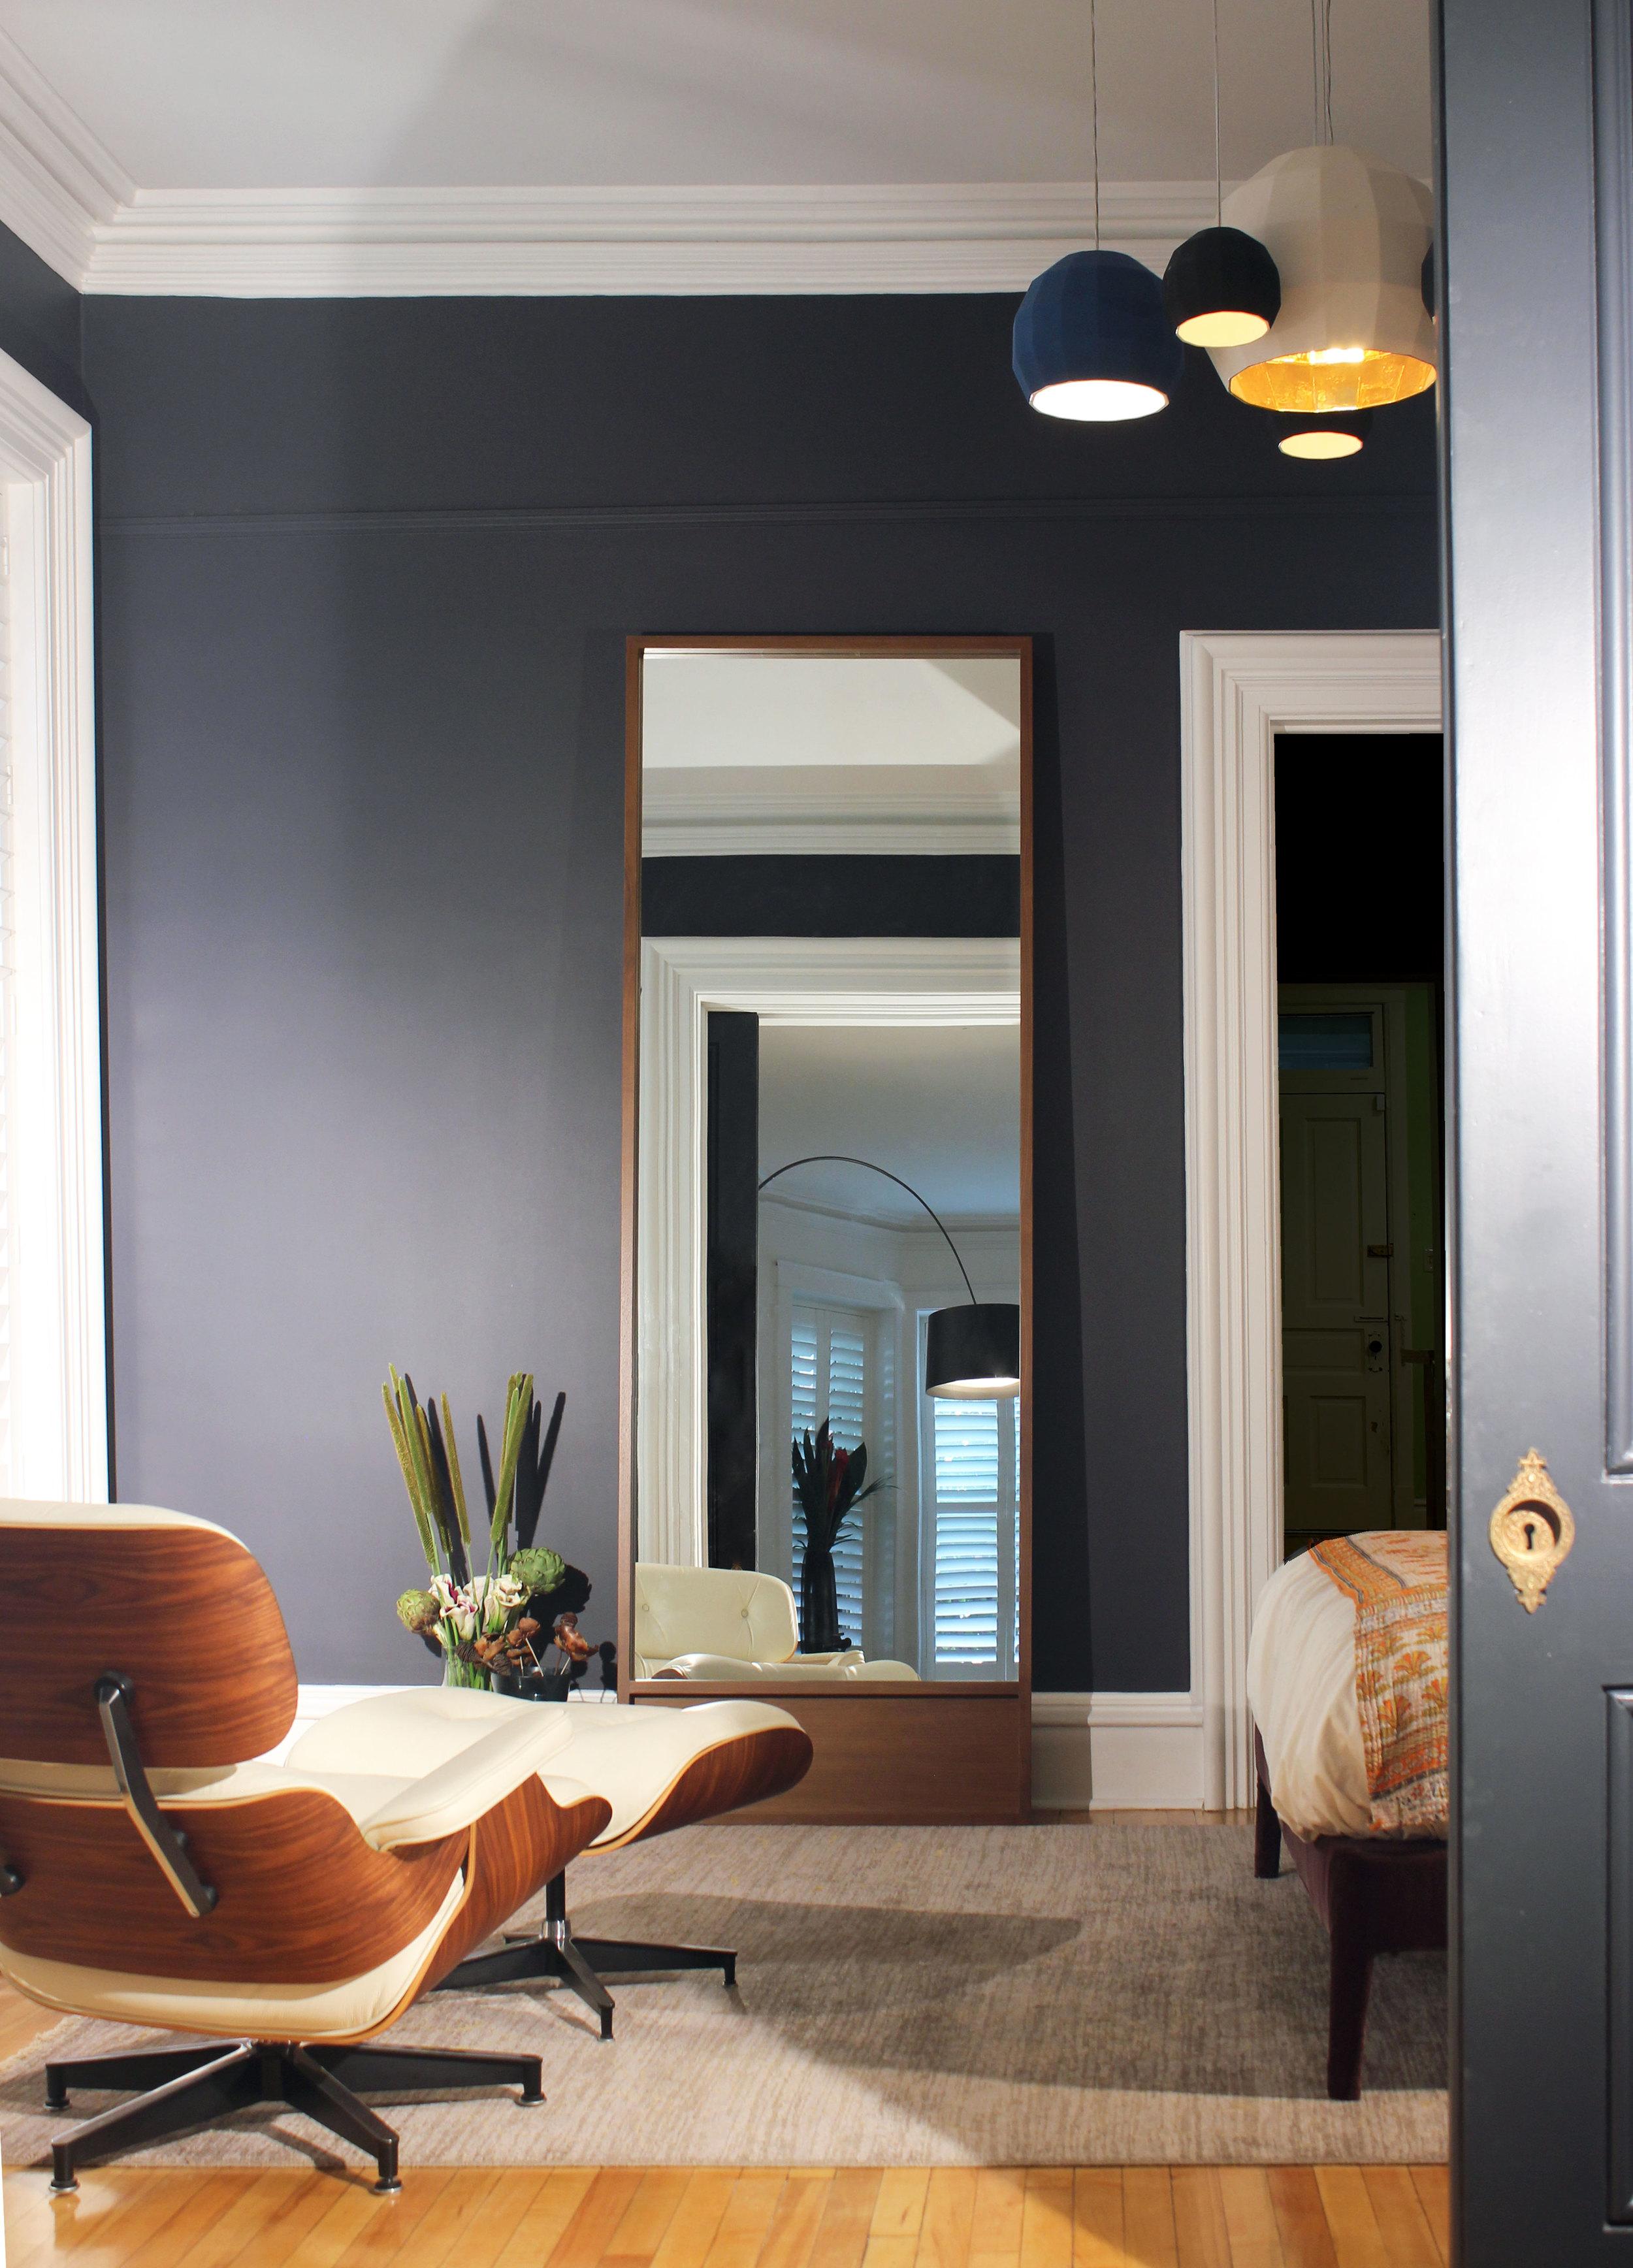 SINOWAY_Pilson-Residence-BEDROOM-medium.jpg